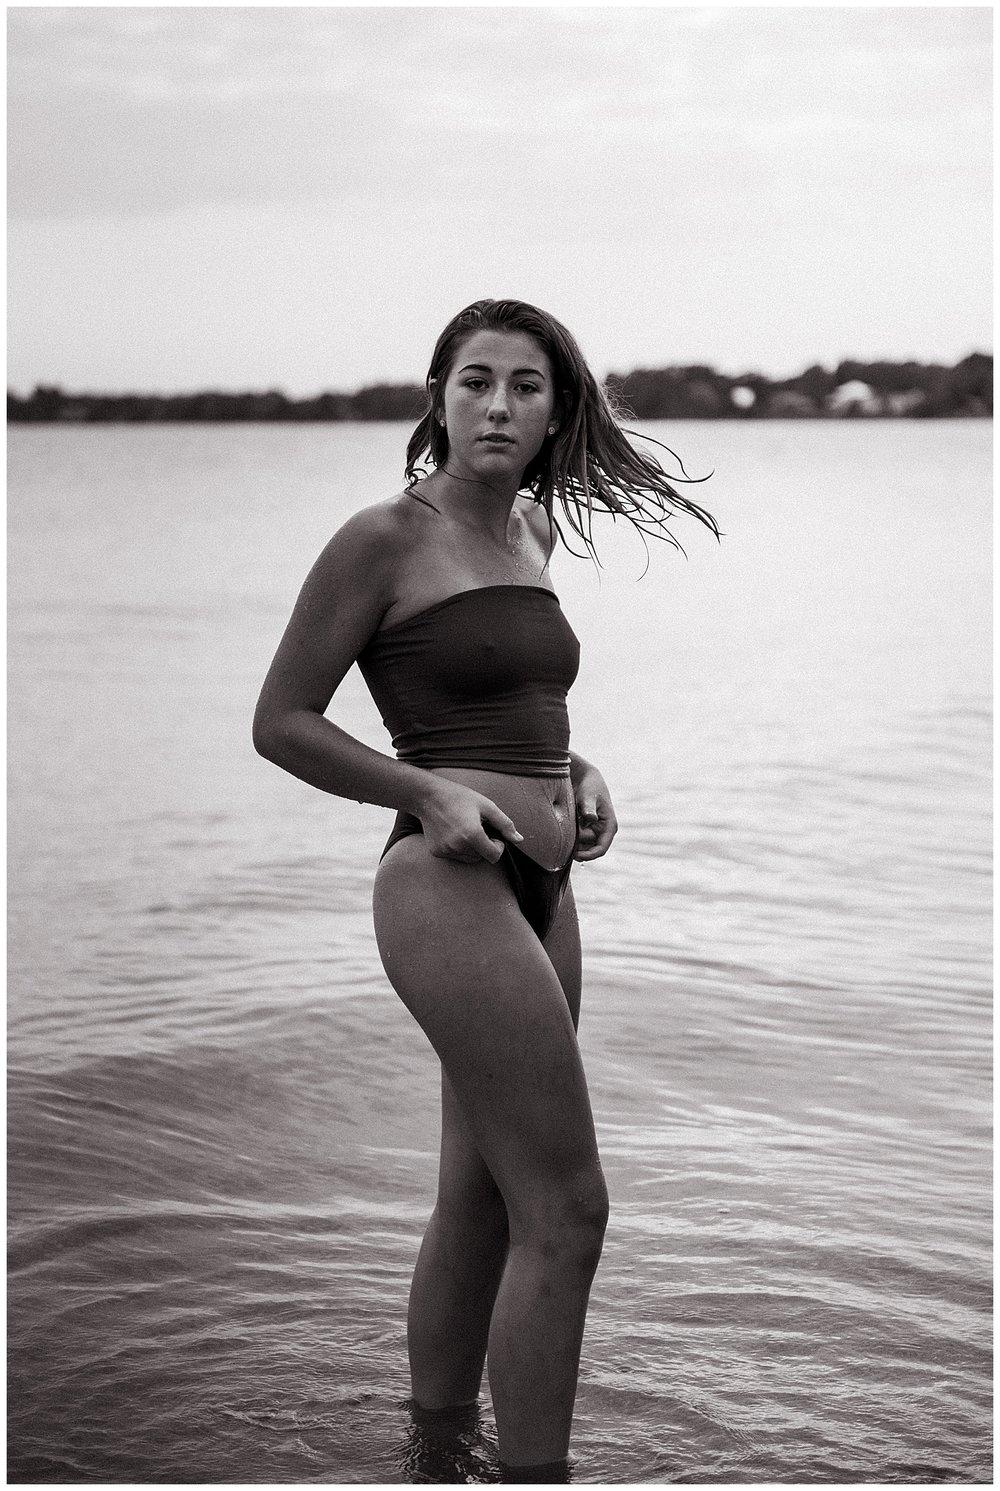 Holly McMurter Photographs | Prince Edward County Beach Boudoir